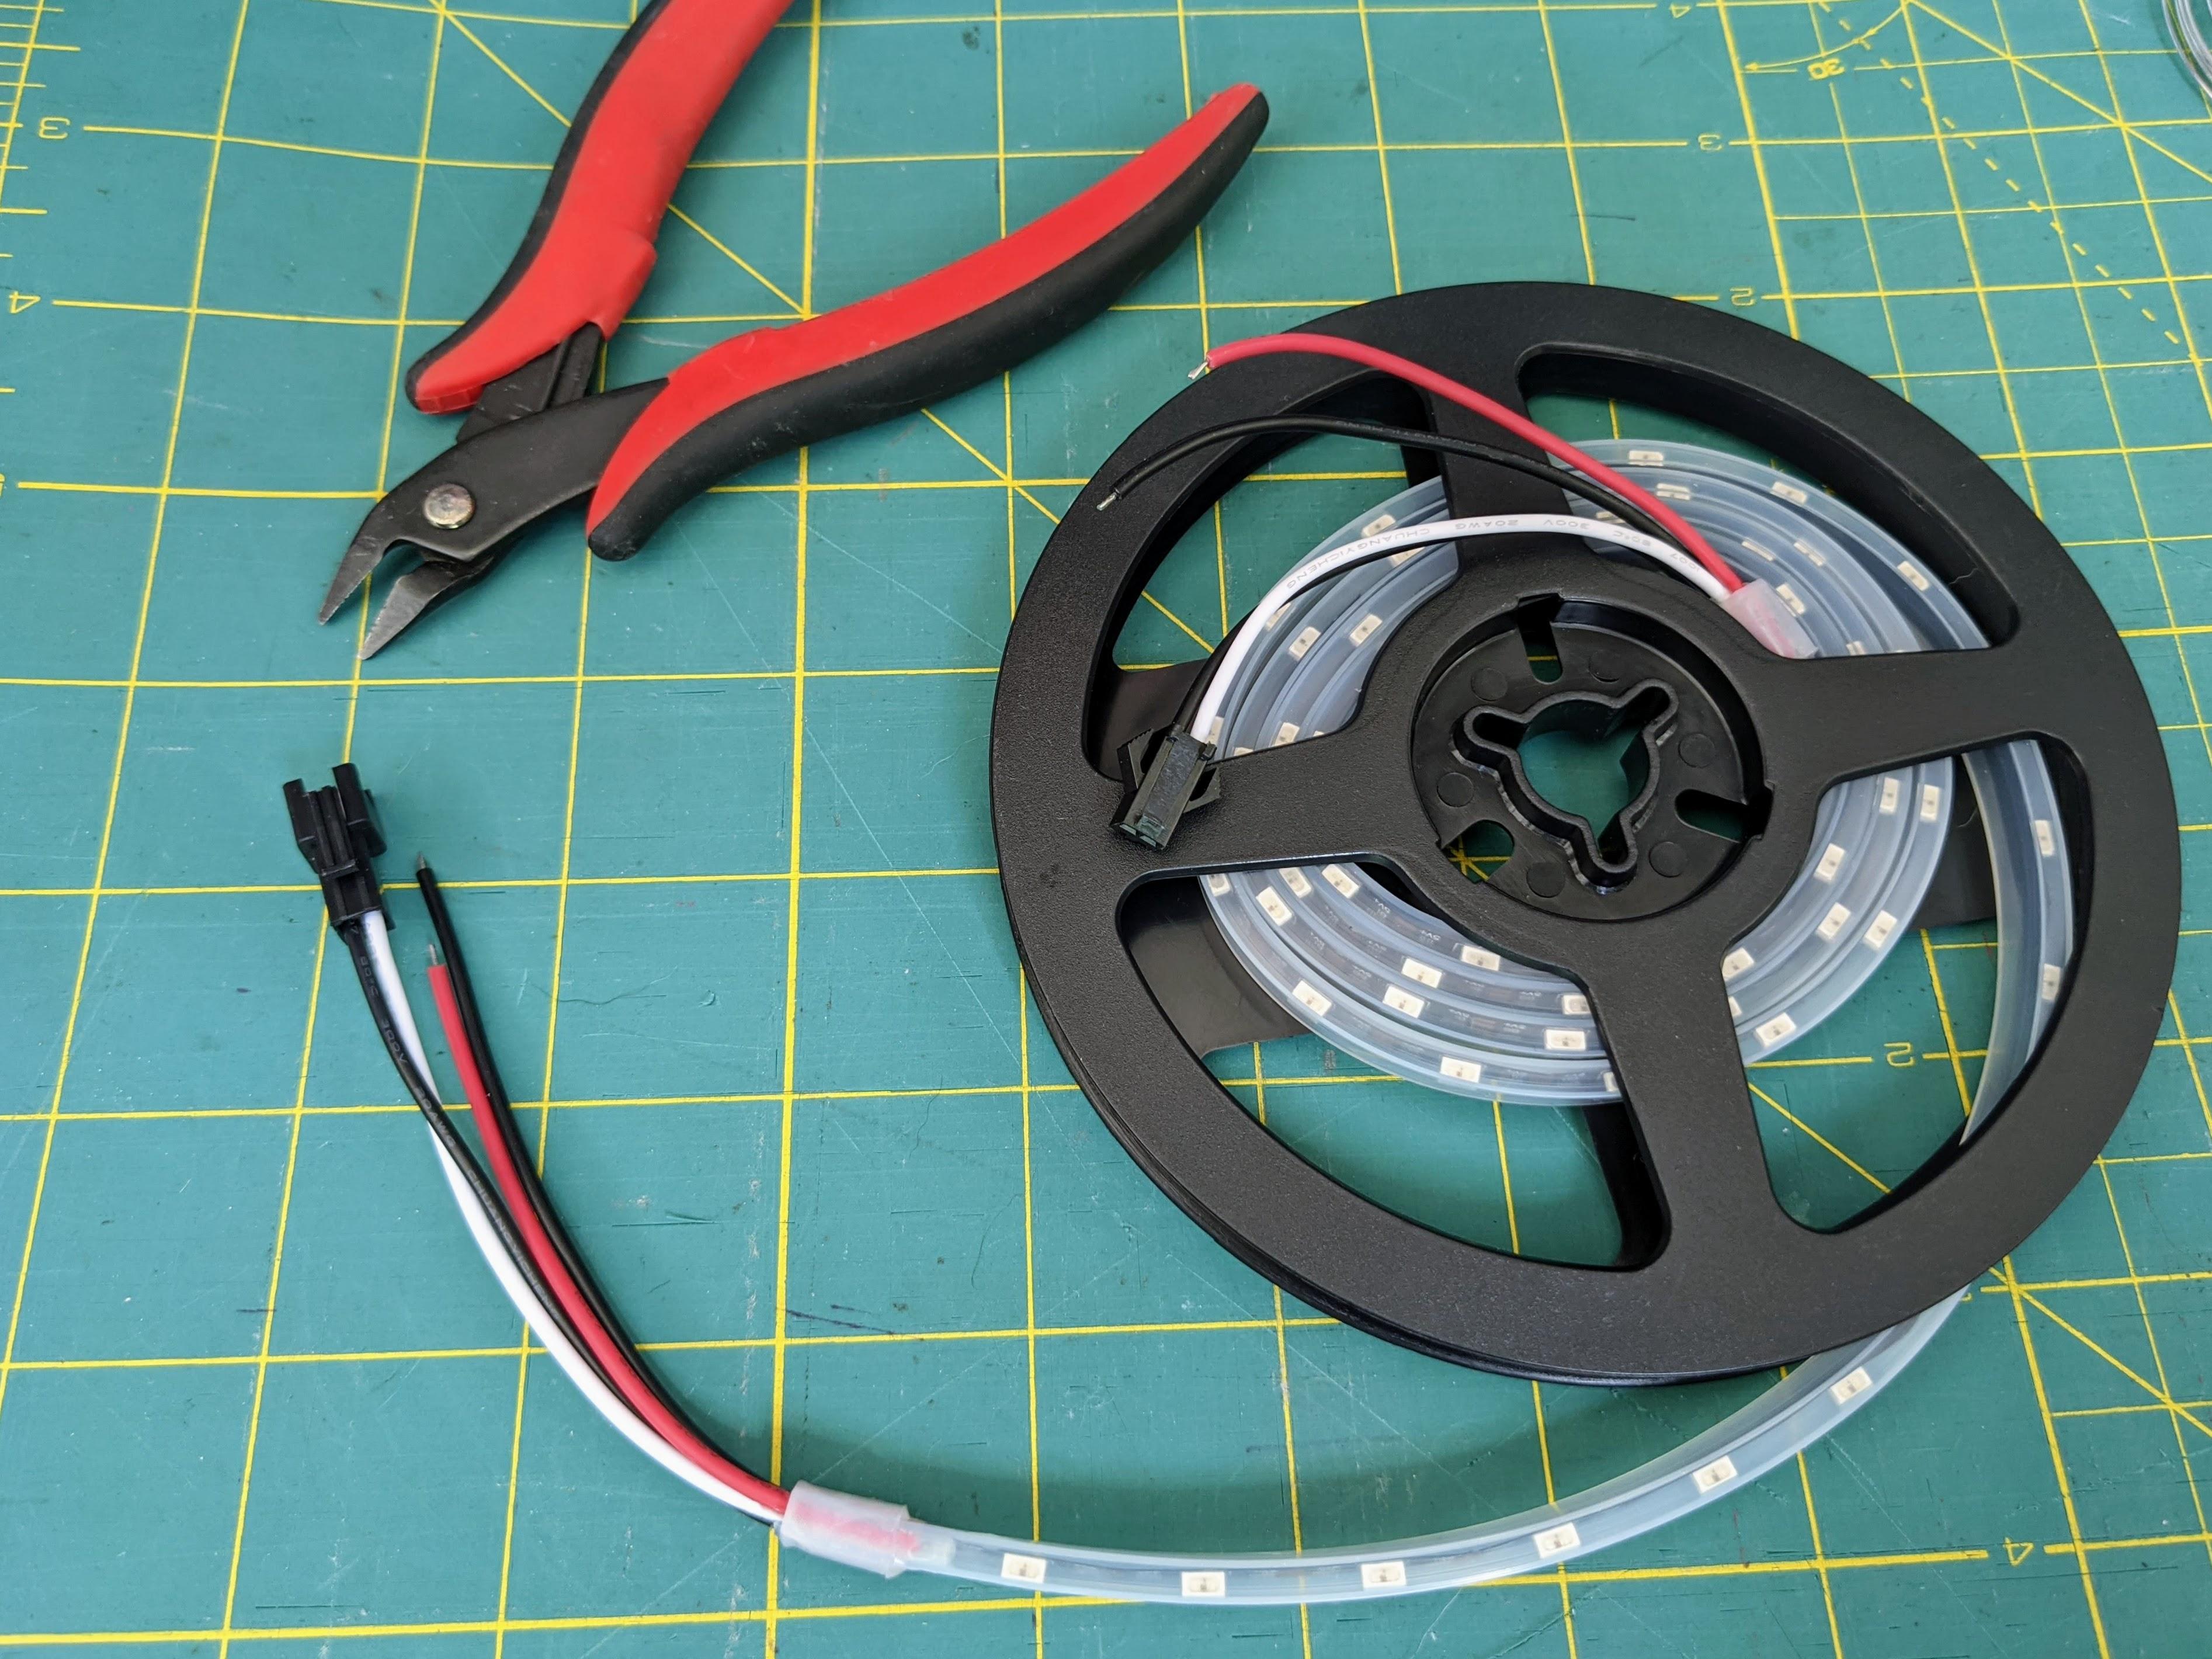 led_strips_PXL_20201012_190714286.jpg